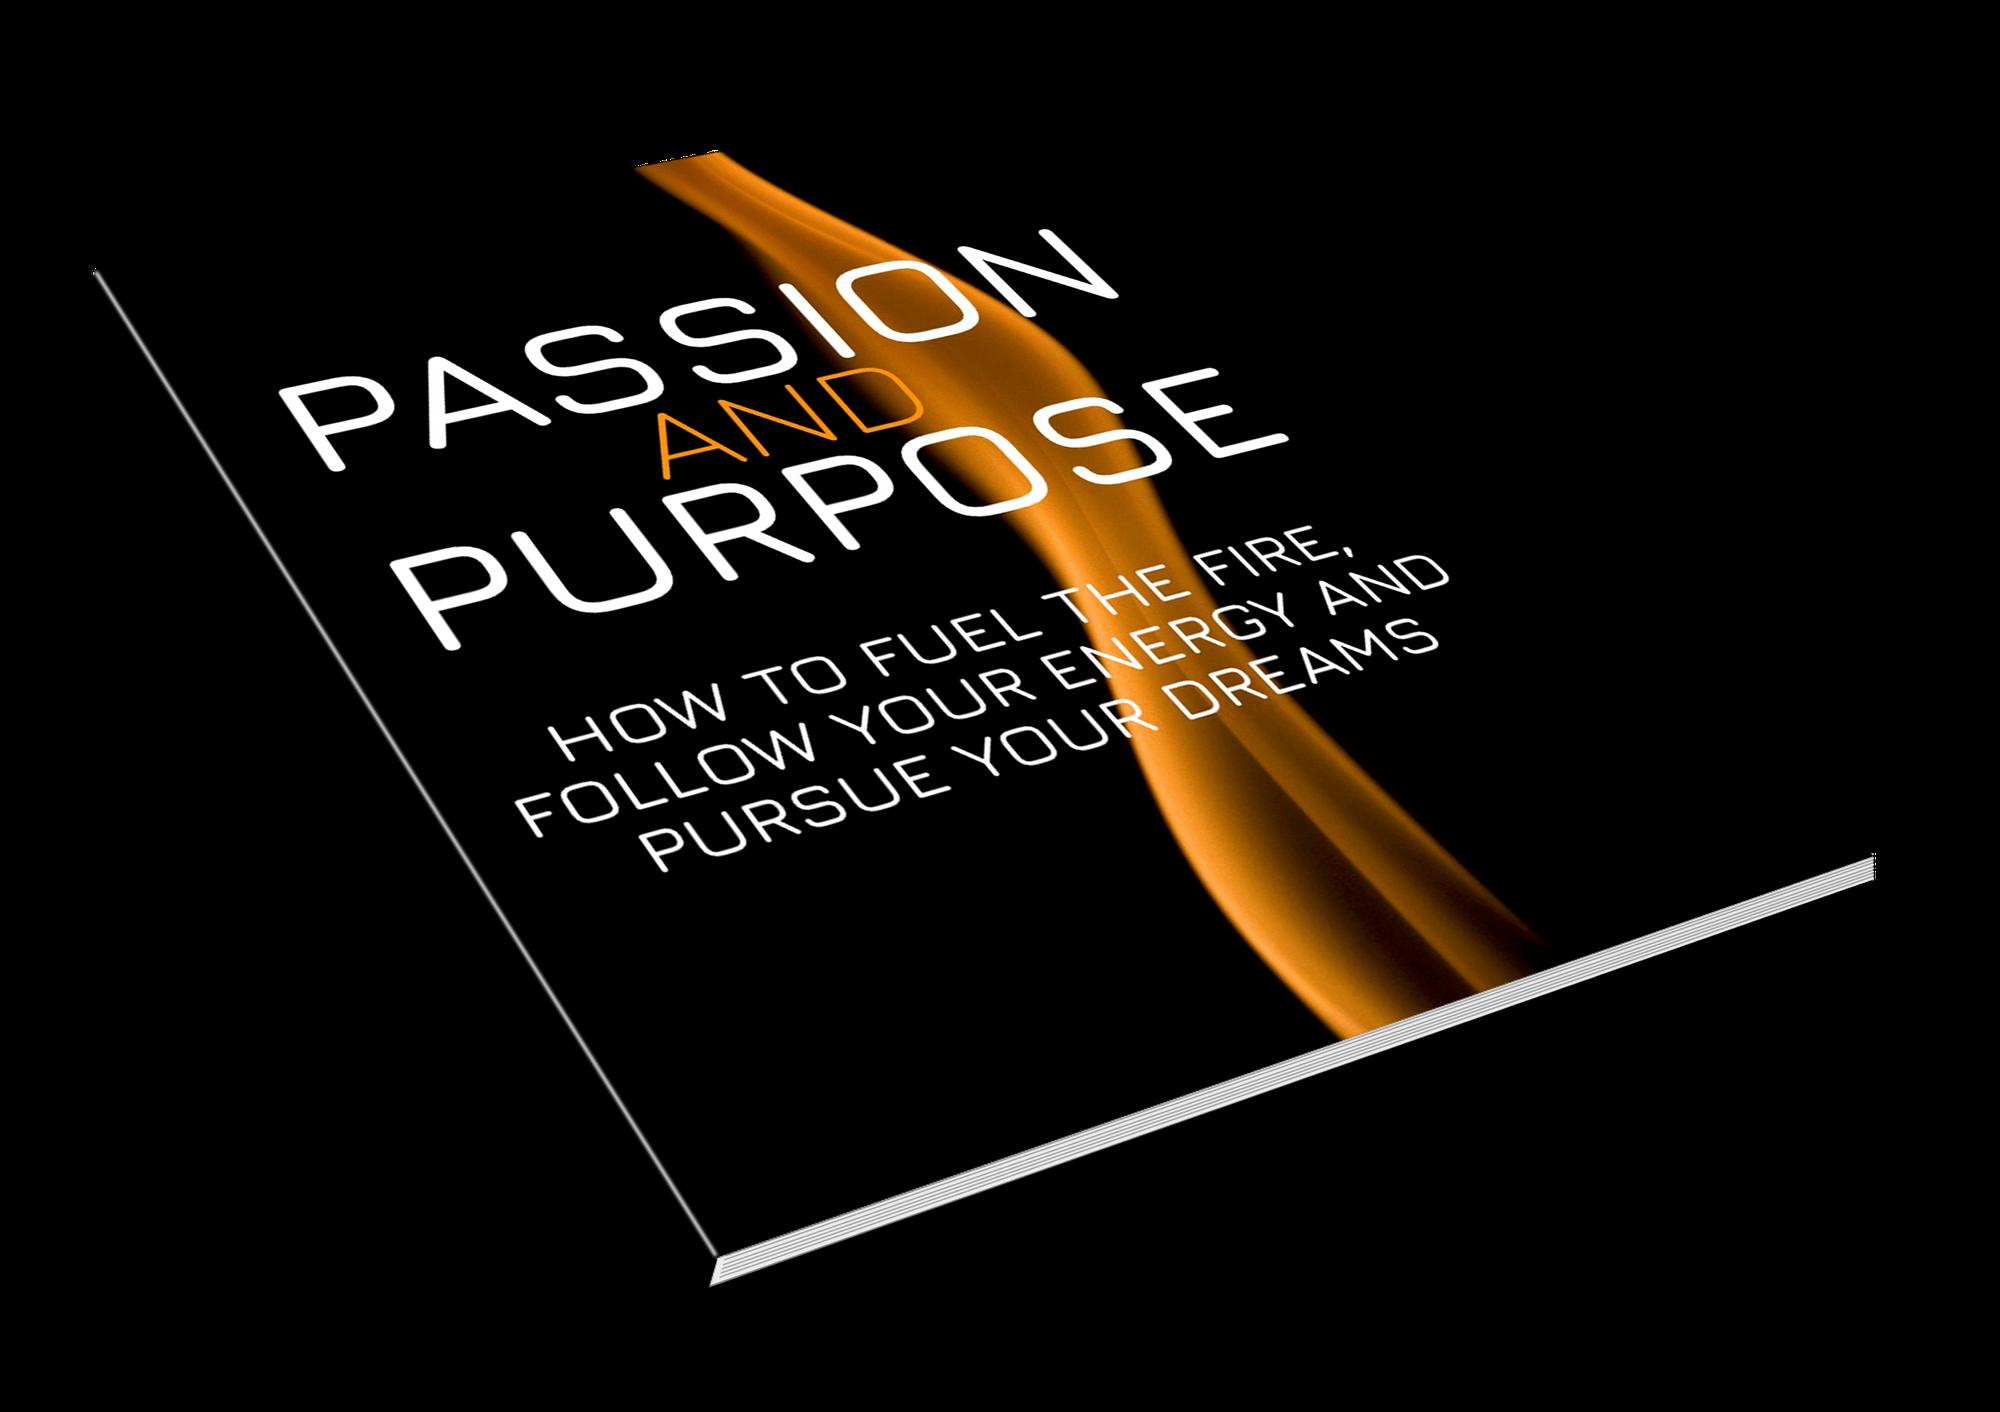 Passion & Purpose e-book